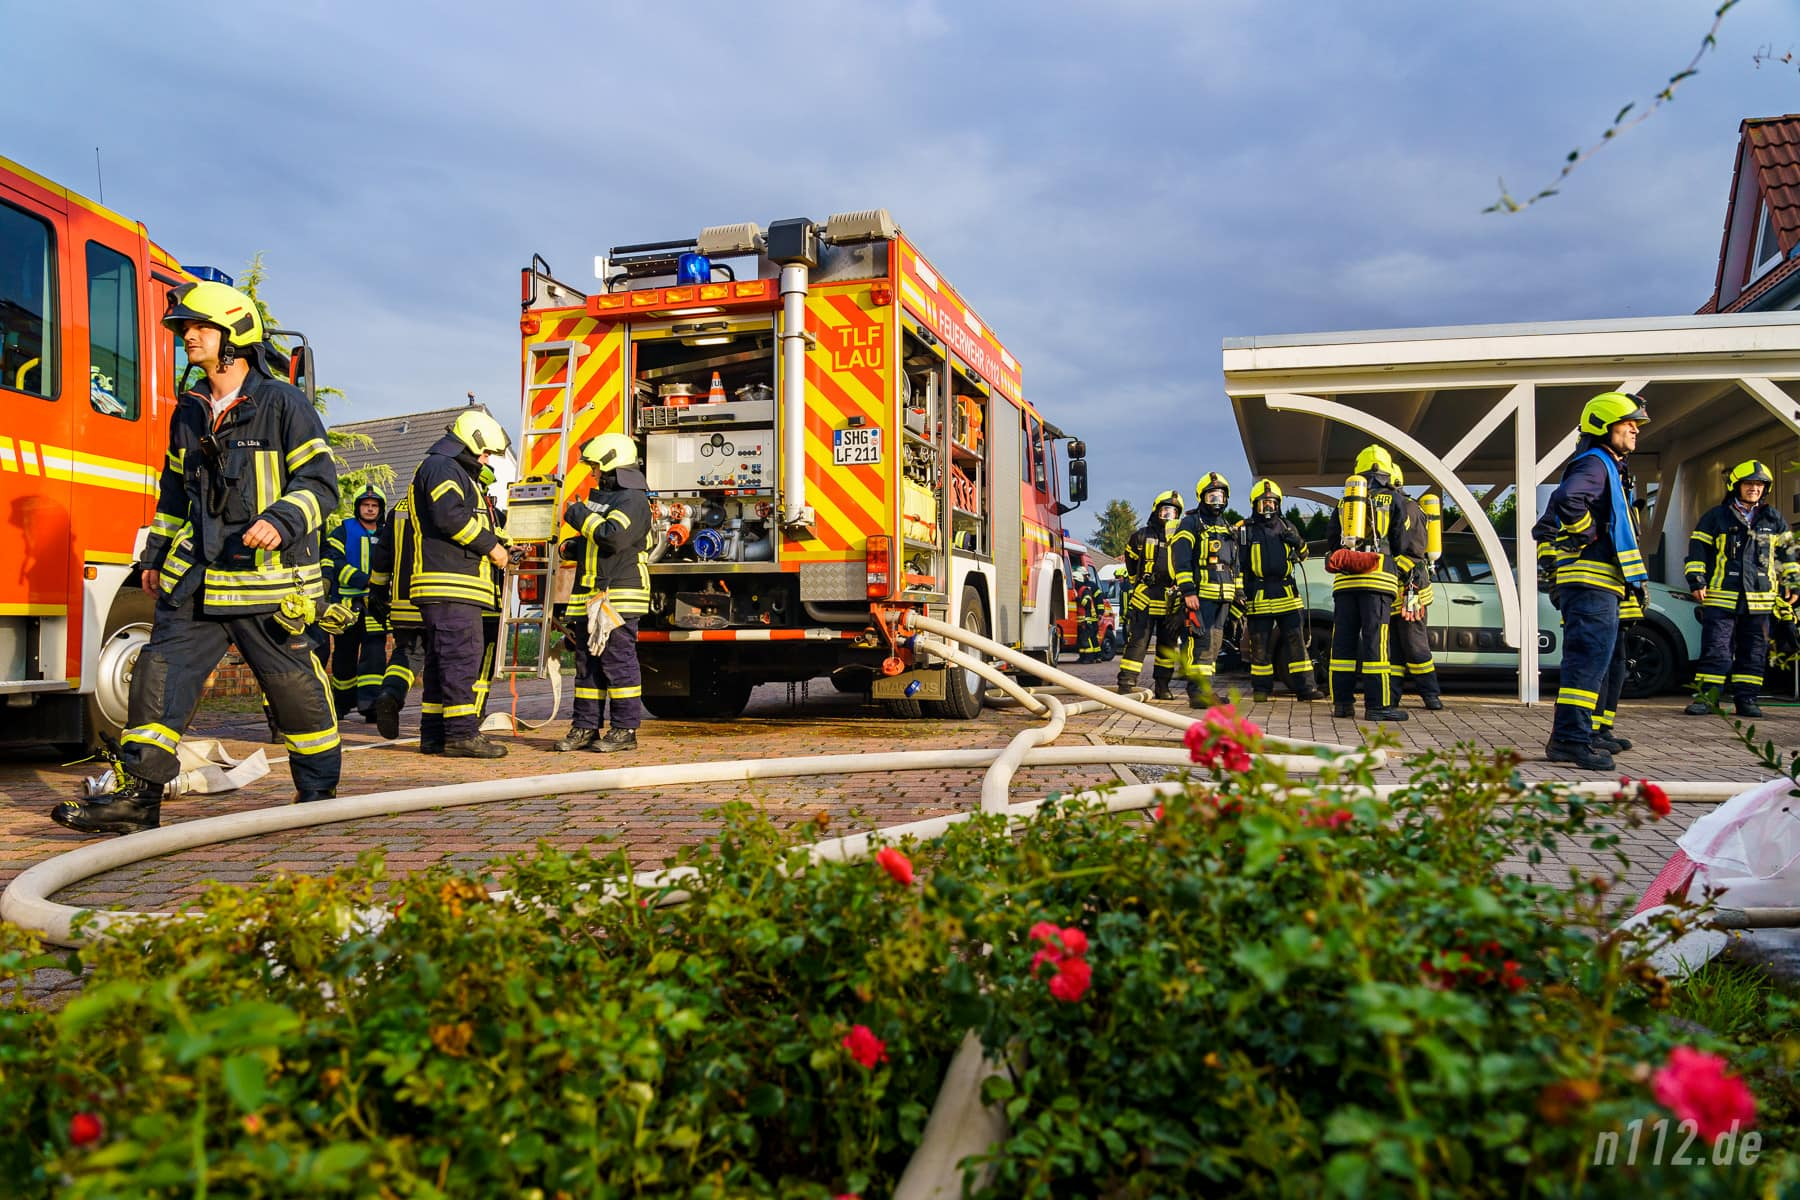 Sieht chaotisch aus, ist aber alles nach Plan: Eine Schlauchleitung führt vom Hydranten zum TLF 3000 der Feuerwehr Lauenau, eine weitere zum Verteiler mit dem Löschangriff (Foto: n112.de/Stefan Simonsen)